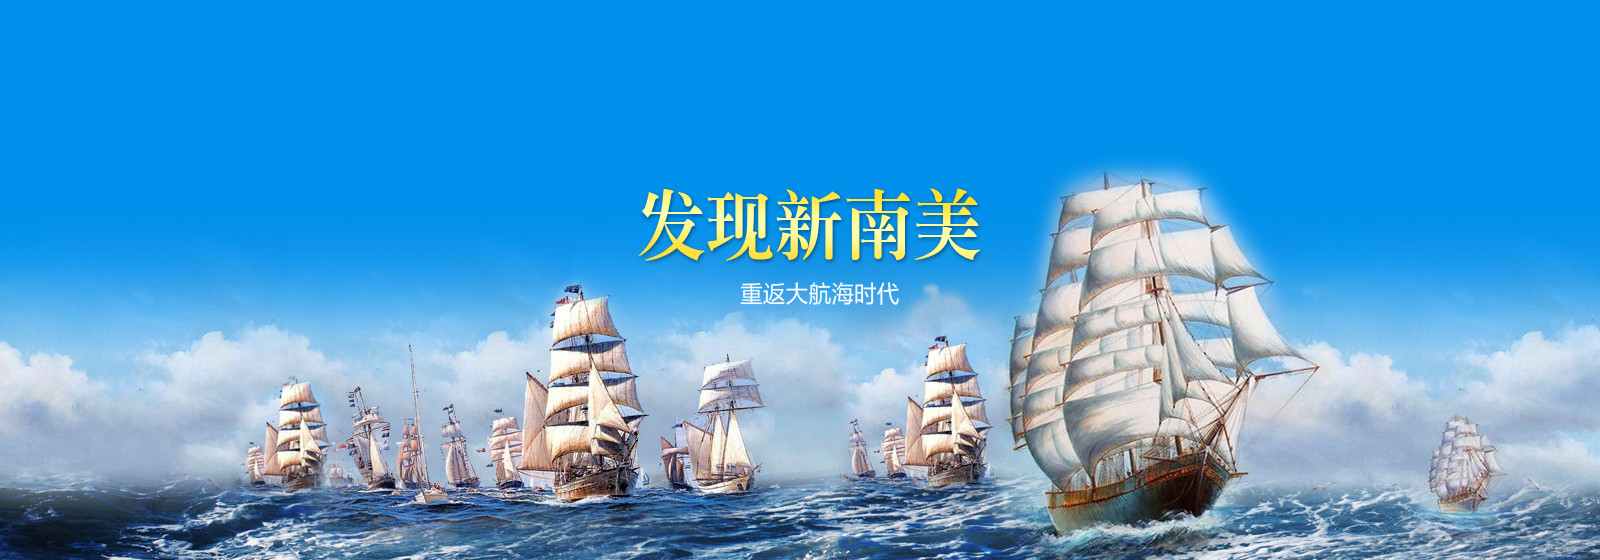 发现新南美 重返大航海时代